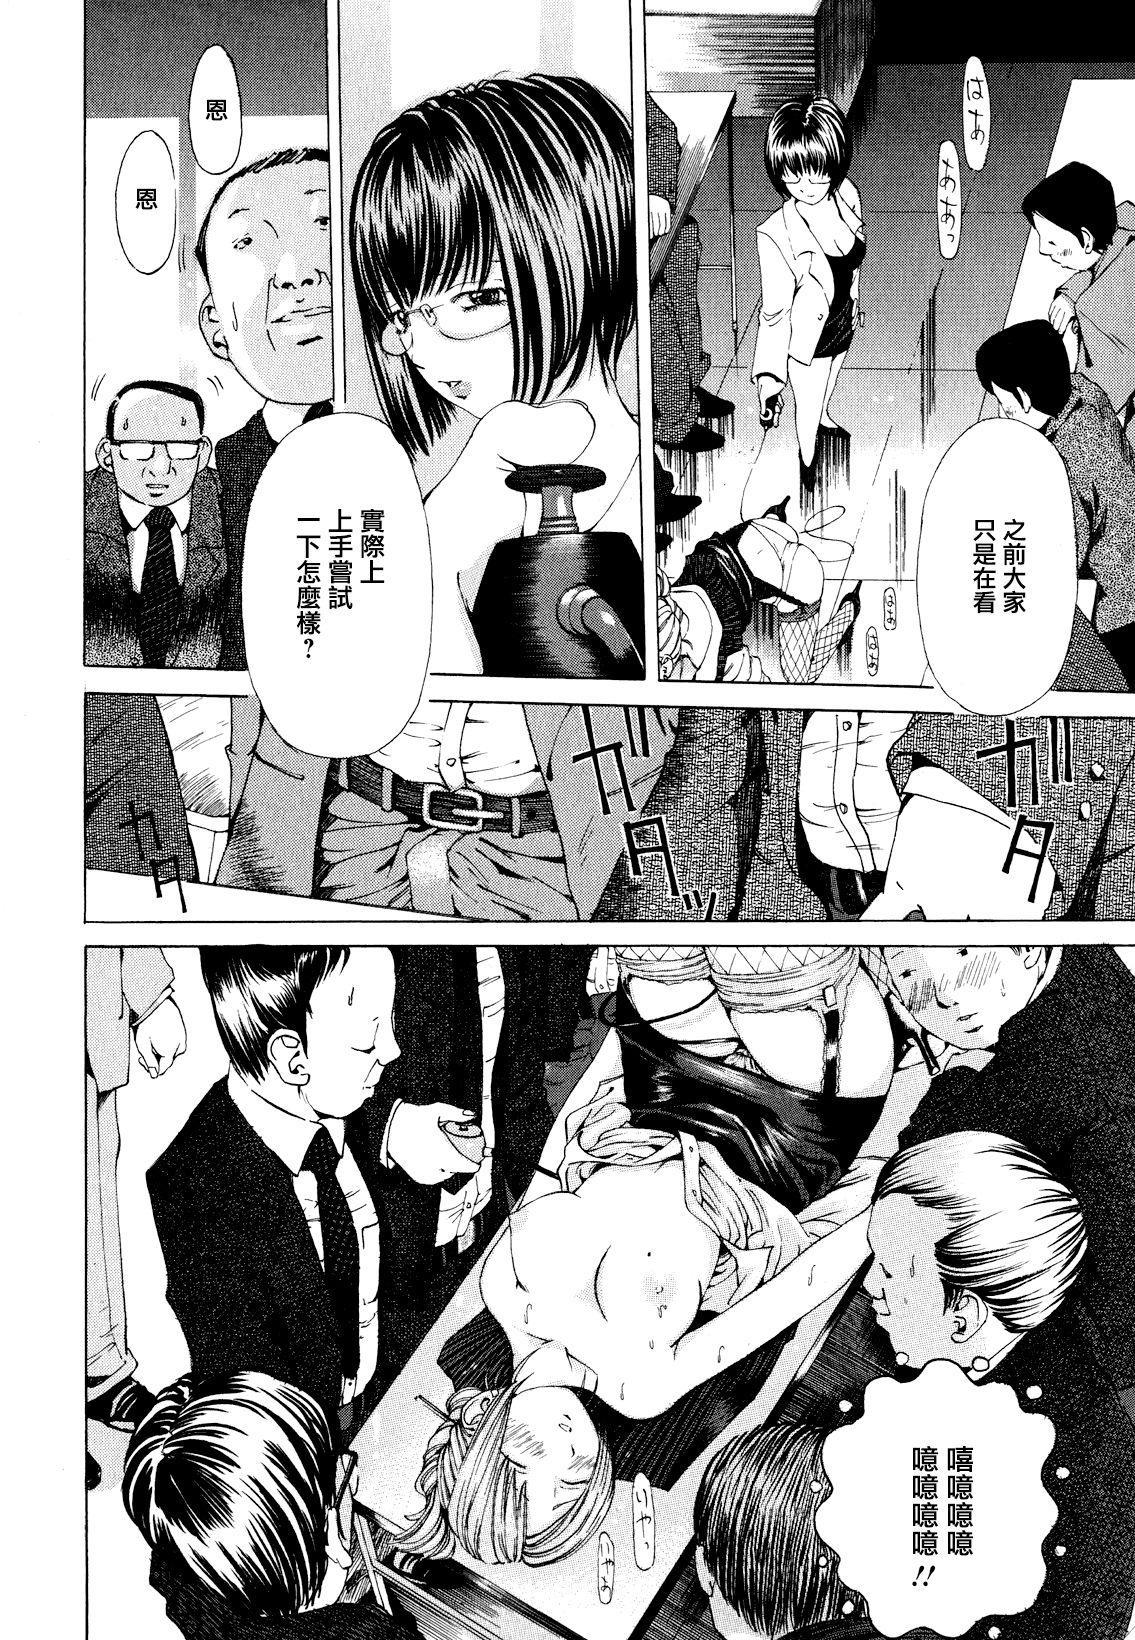 [Nohara Hiromi] Suhada-teki Bishoujo 1 -Watashi no Himitsu... Mitai? Hen- [Chinese] [紫色老太婆个人汉化] 122